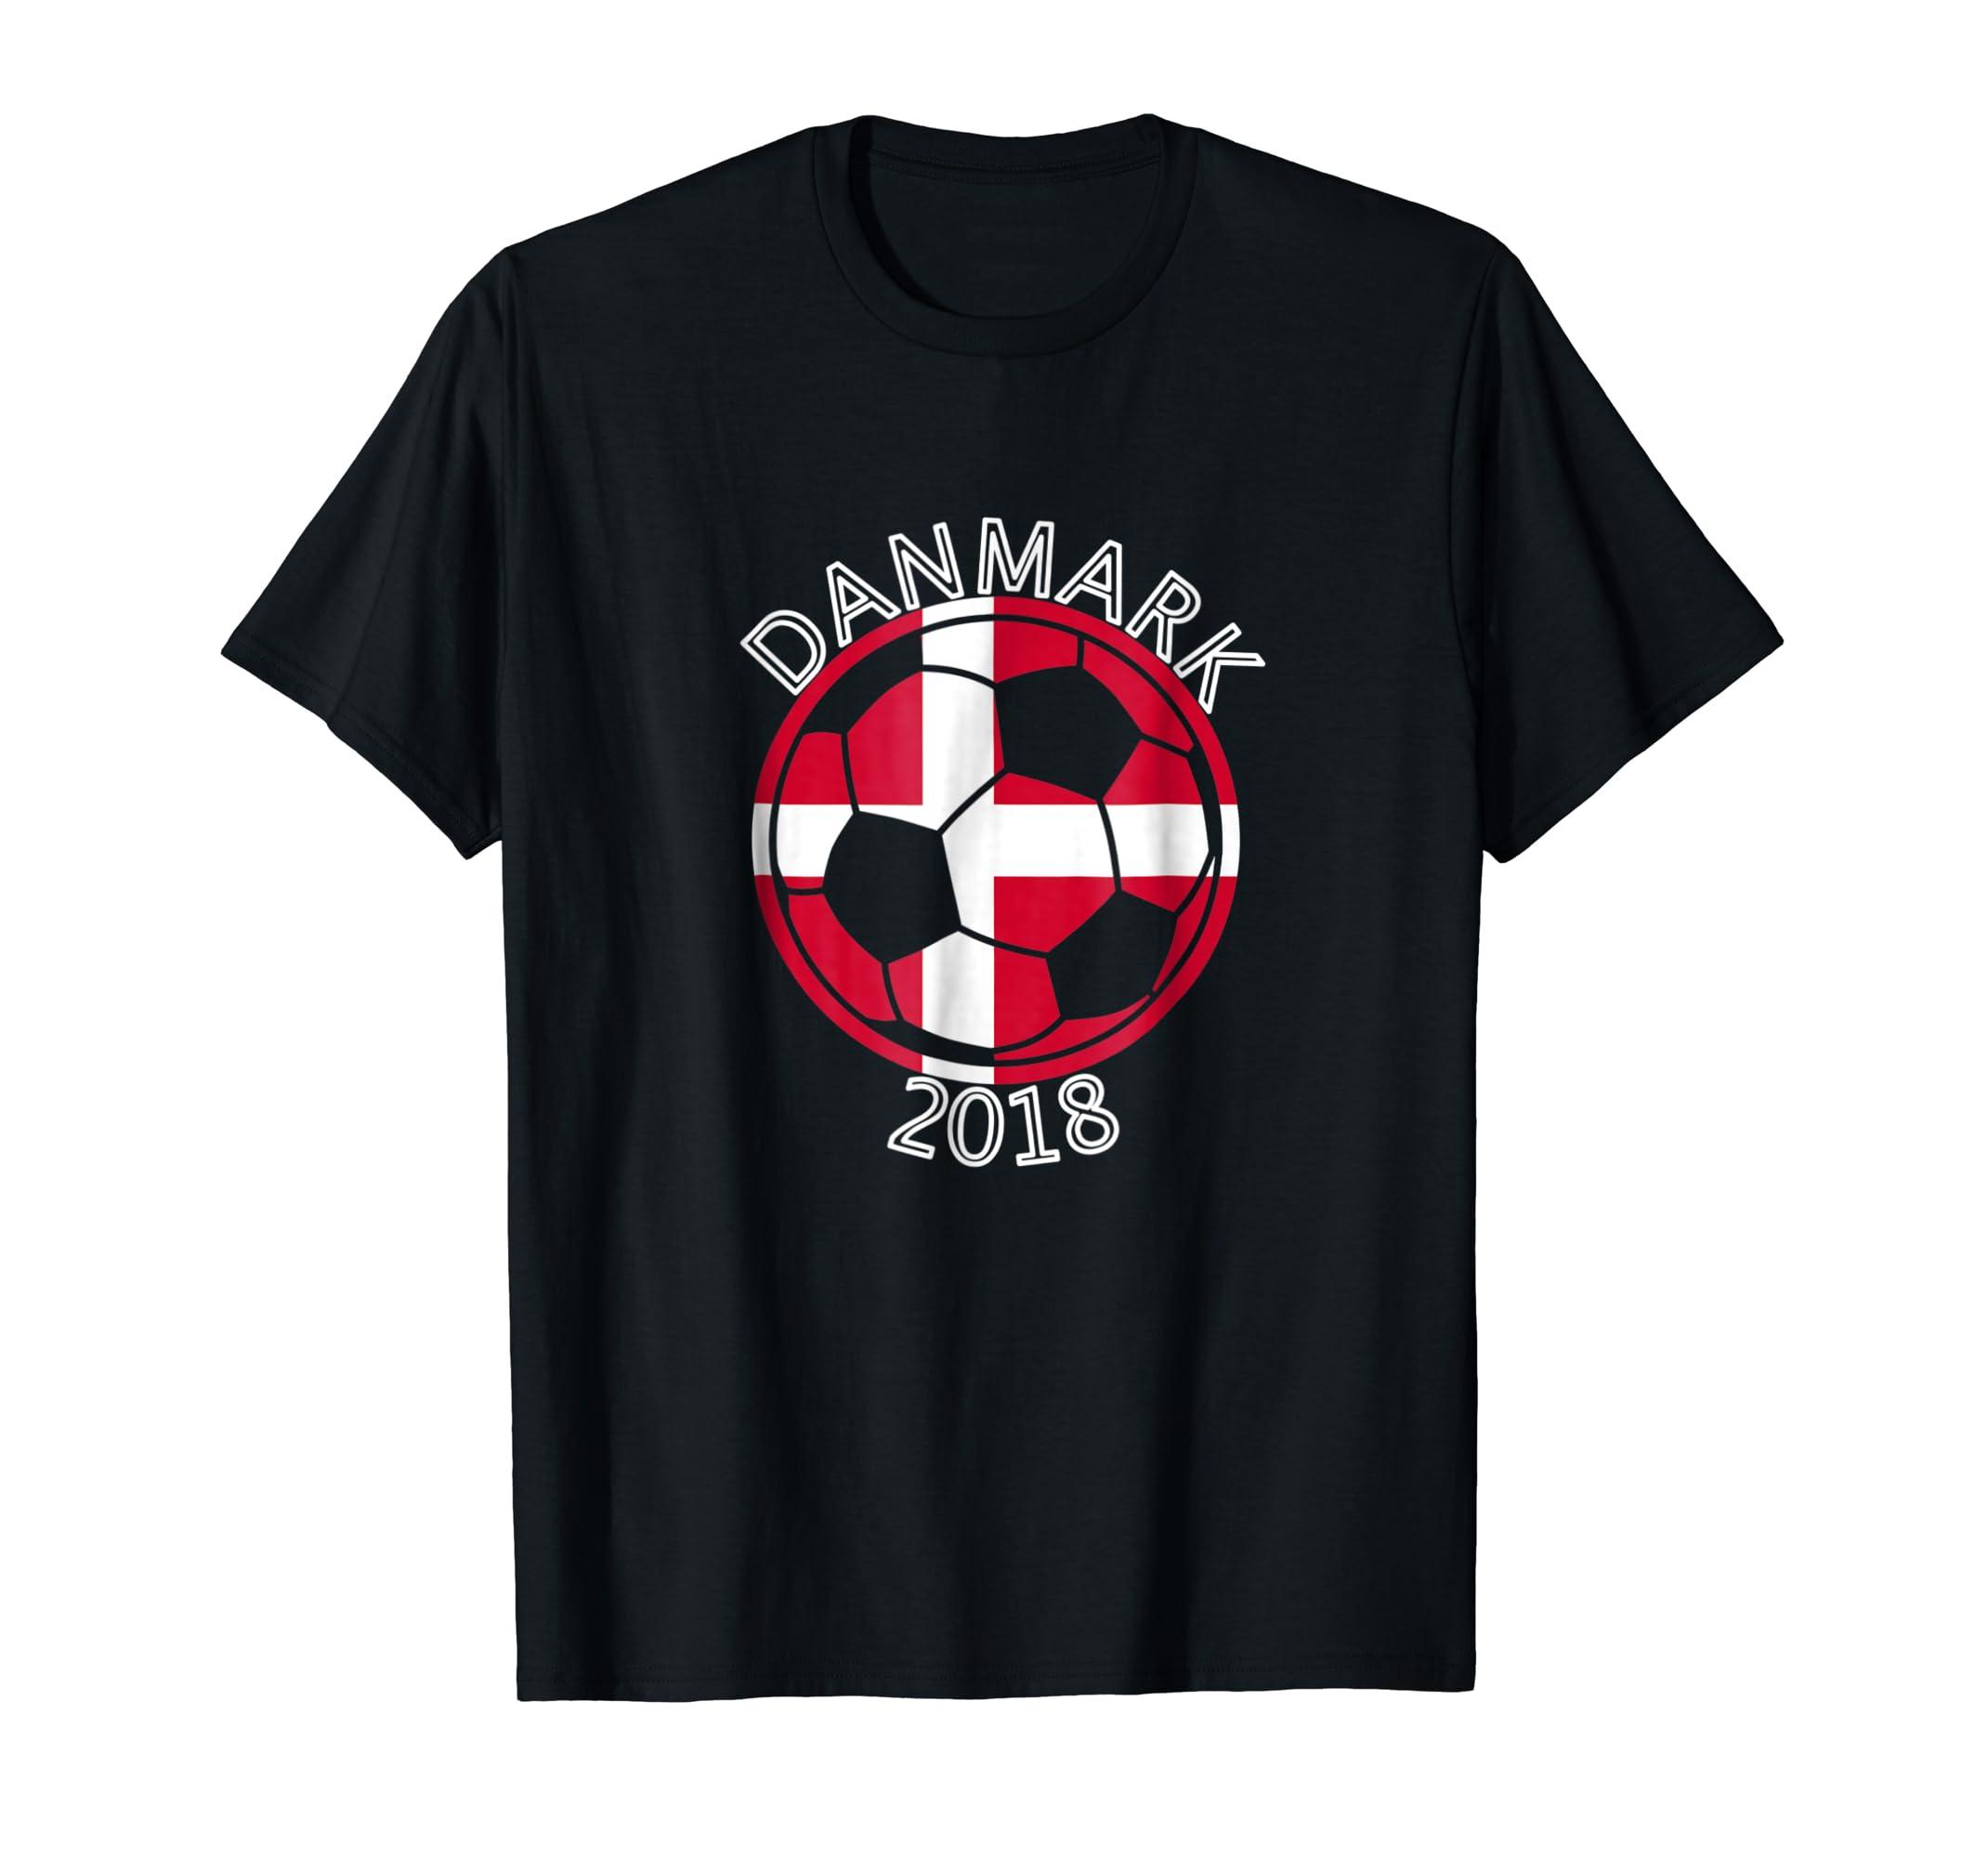 45053e349 Amazon.com  Danmark Denmark Danish Soccer Team 2018 T-Shirt Football   Clothing